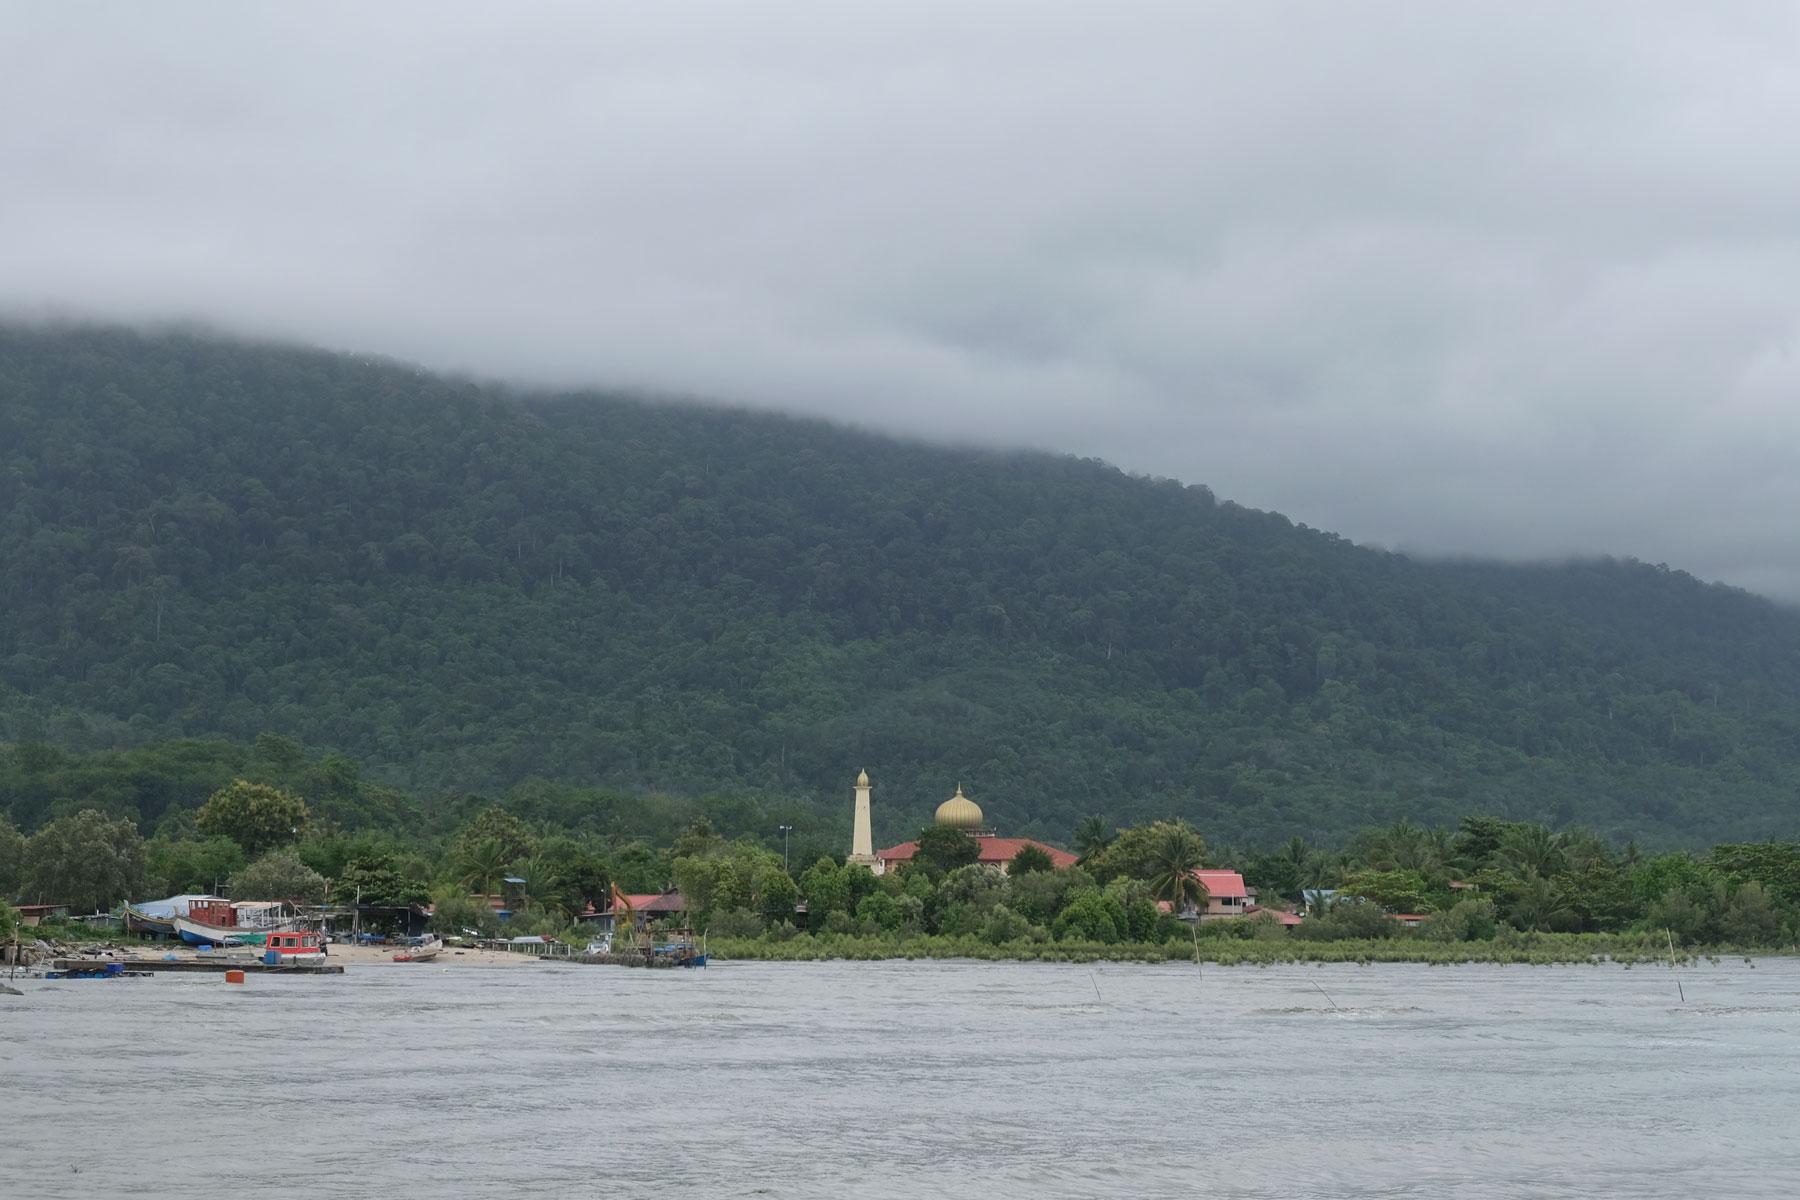 Kuala Teriang auf Langkawi in Malaysia.